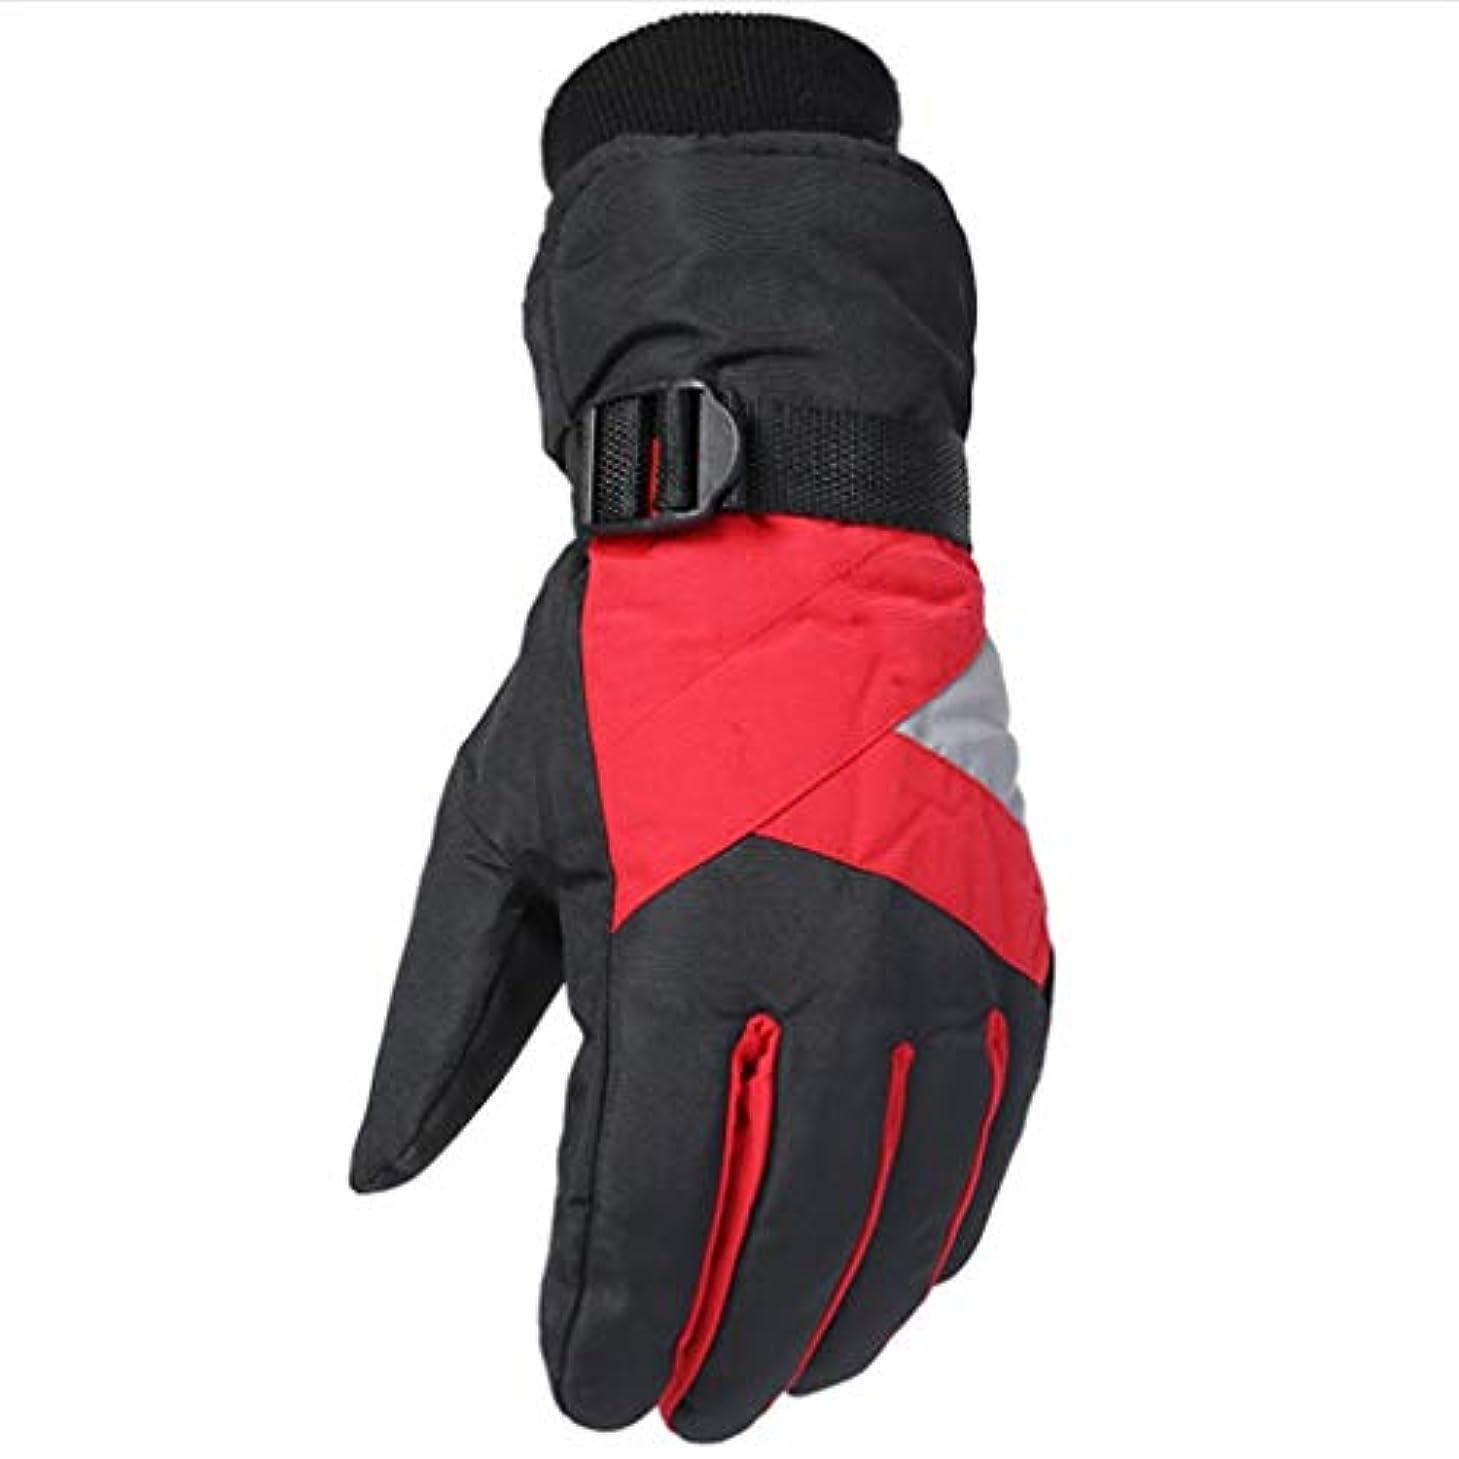 役に立たないヒューバートハドソン体系的に手袋の男性の冬プラスベルベット厚手の暖かいスキーグローブは、凍結防止の登山手袋を運転する (色 : Red)